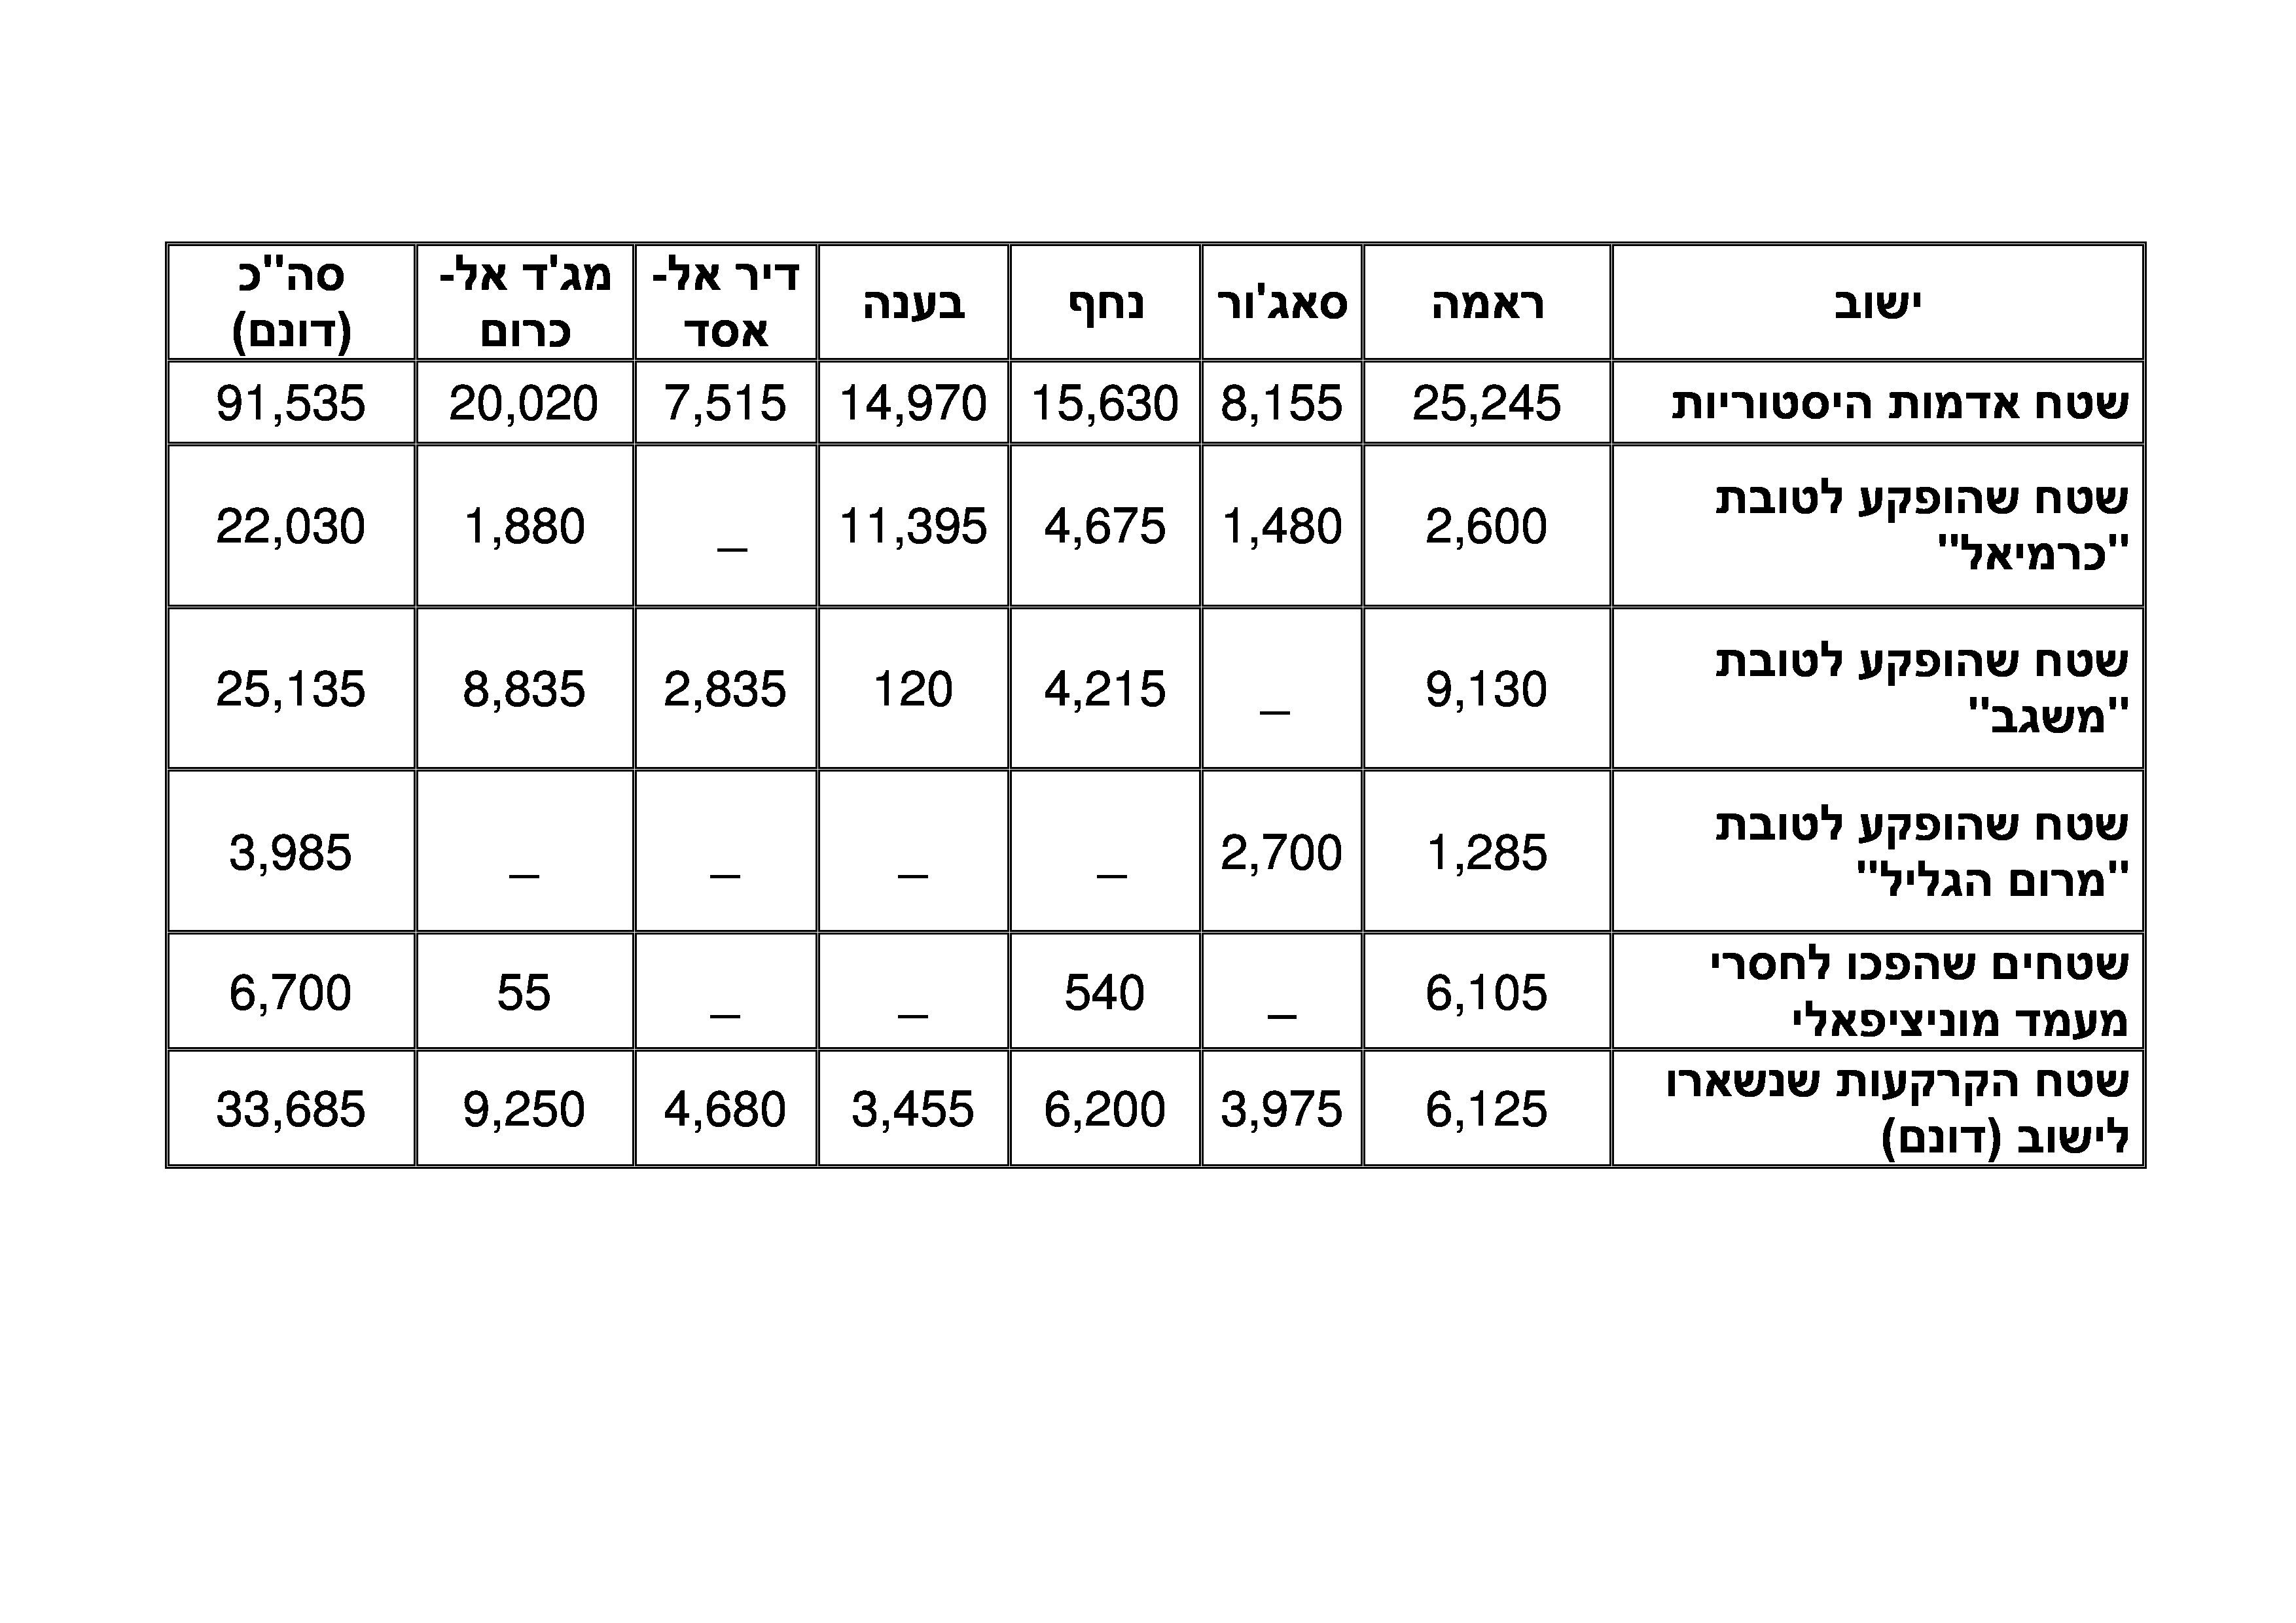 מפת ההפקעות מהישובים הערבים לכרמיאל